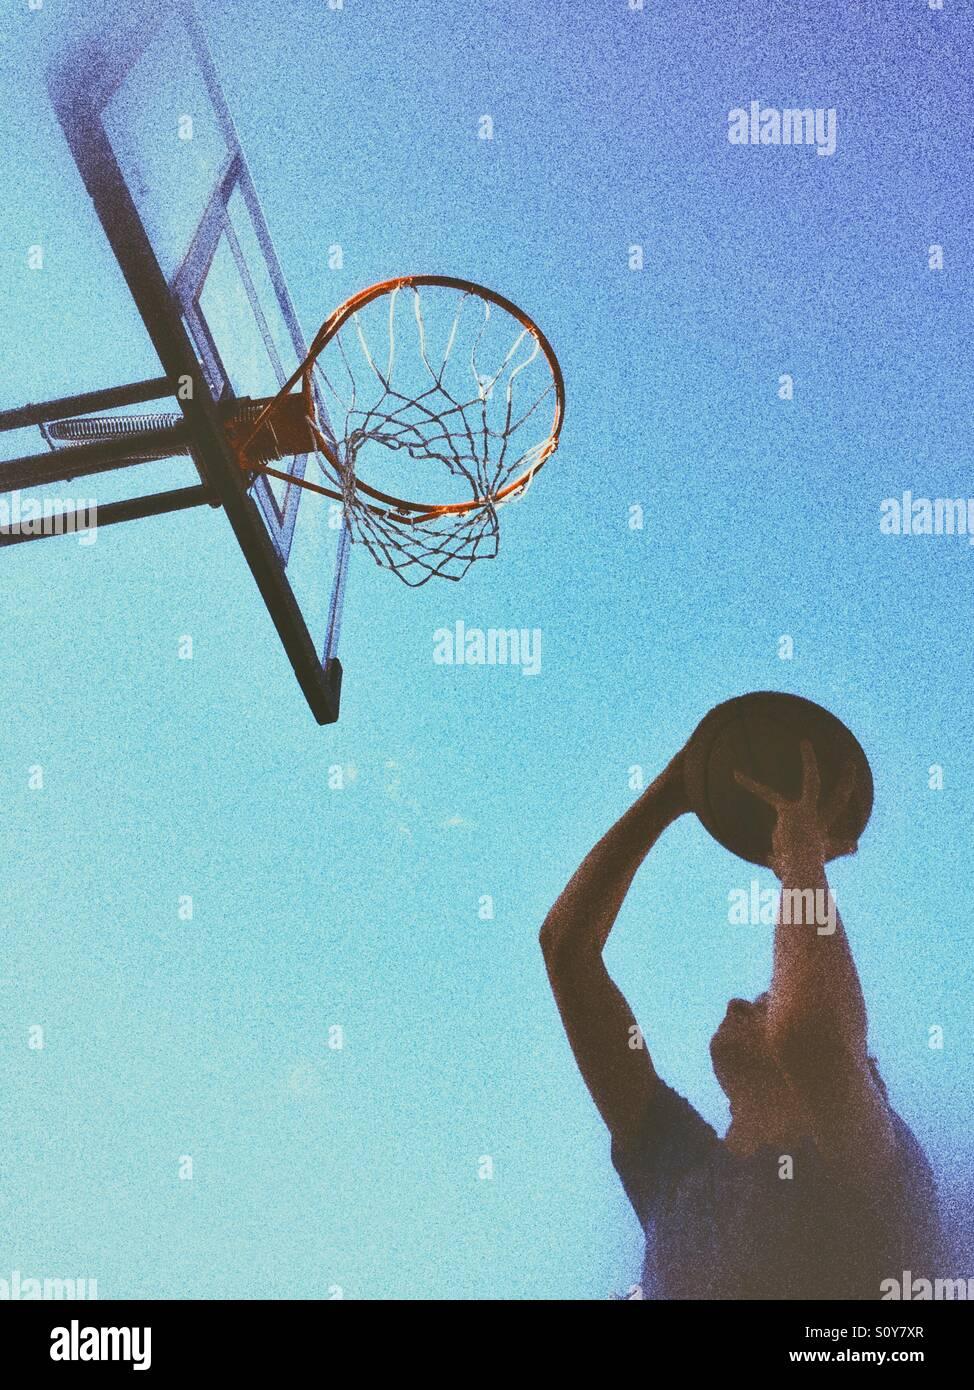 Adolescente disparar una pelota de baloncesto. Disparó al aire libre, luz natural, granulosas editar. Imagen De Stock